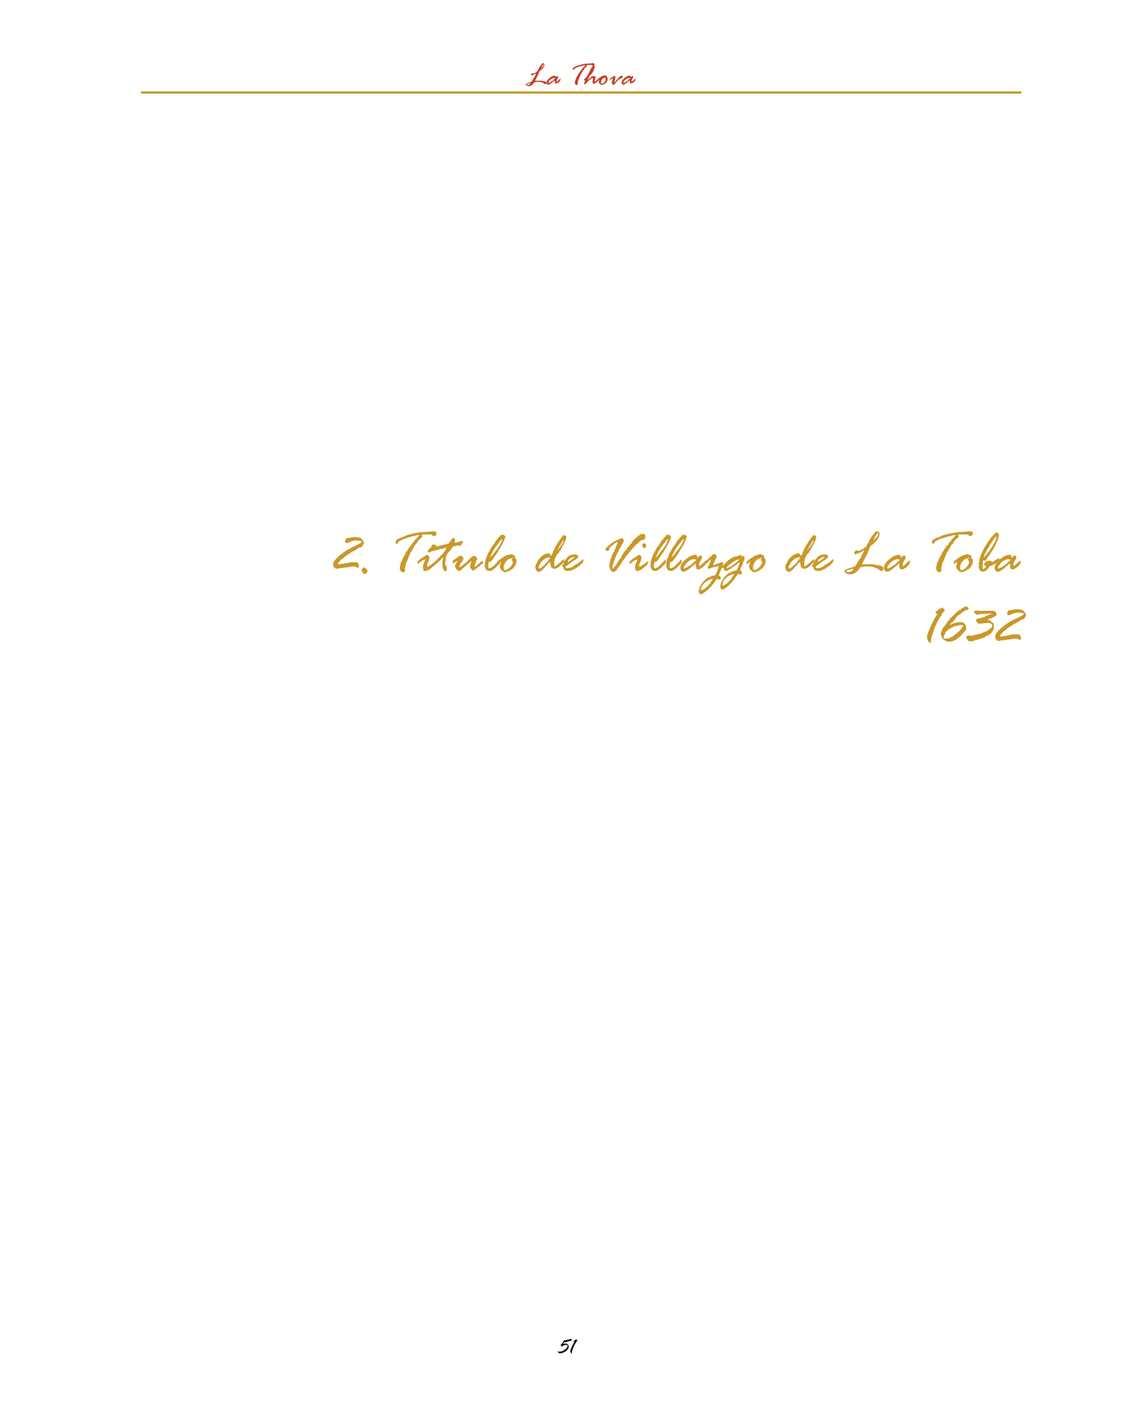 La Thova - Historia de la Villa de La Toba - Parte 2